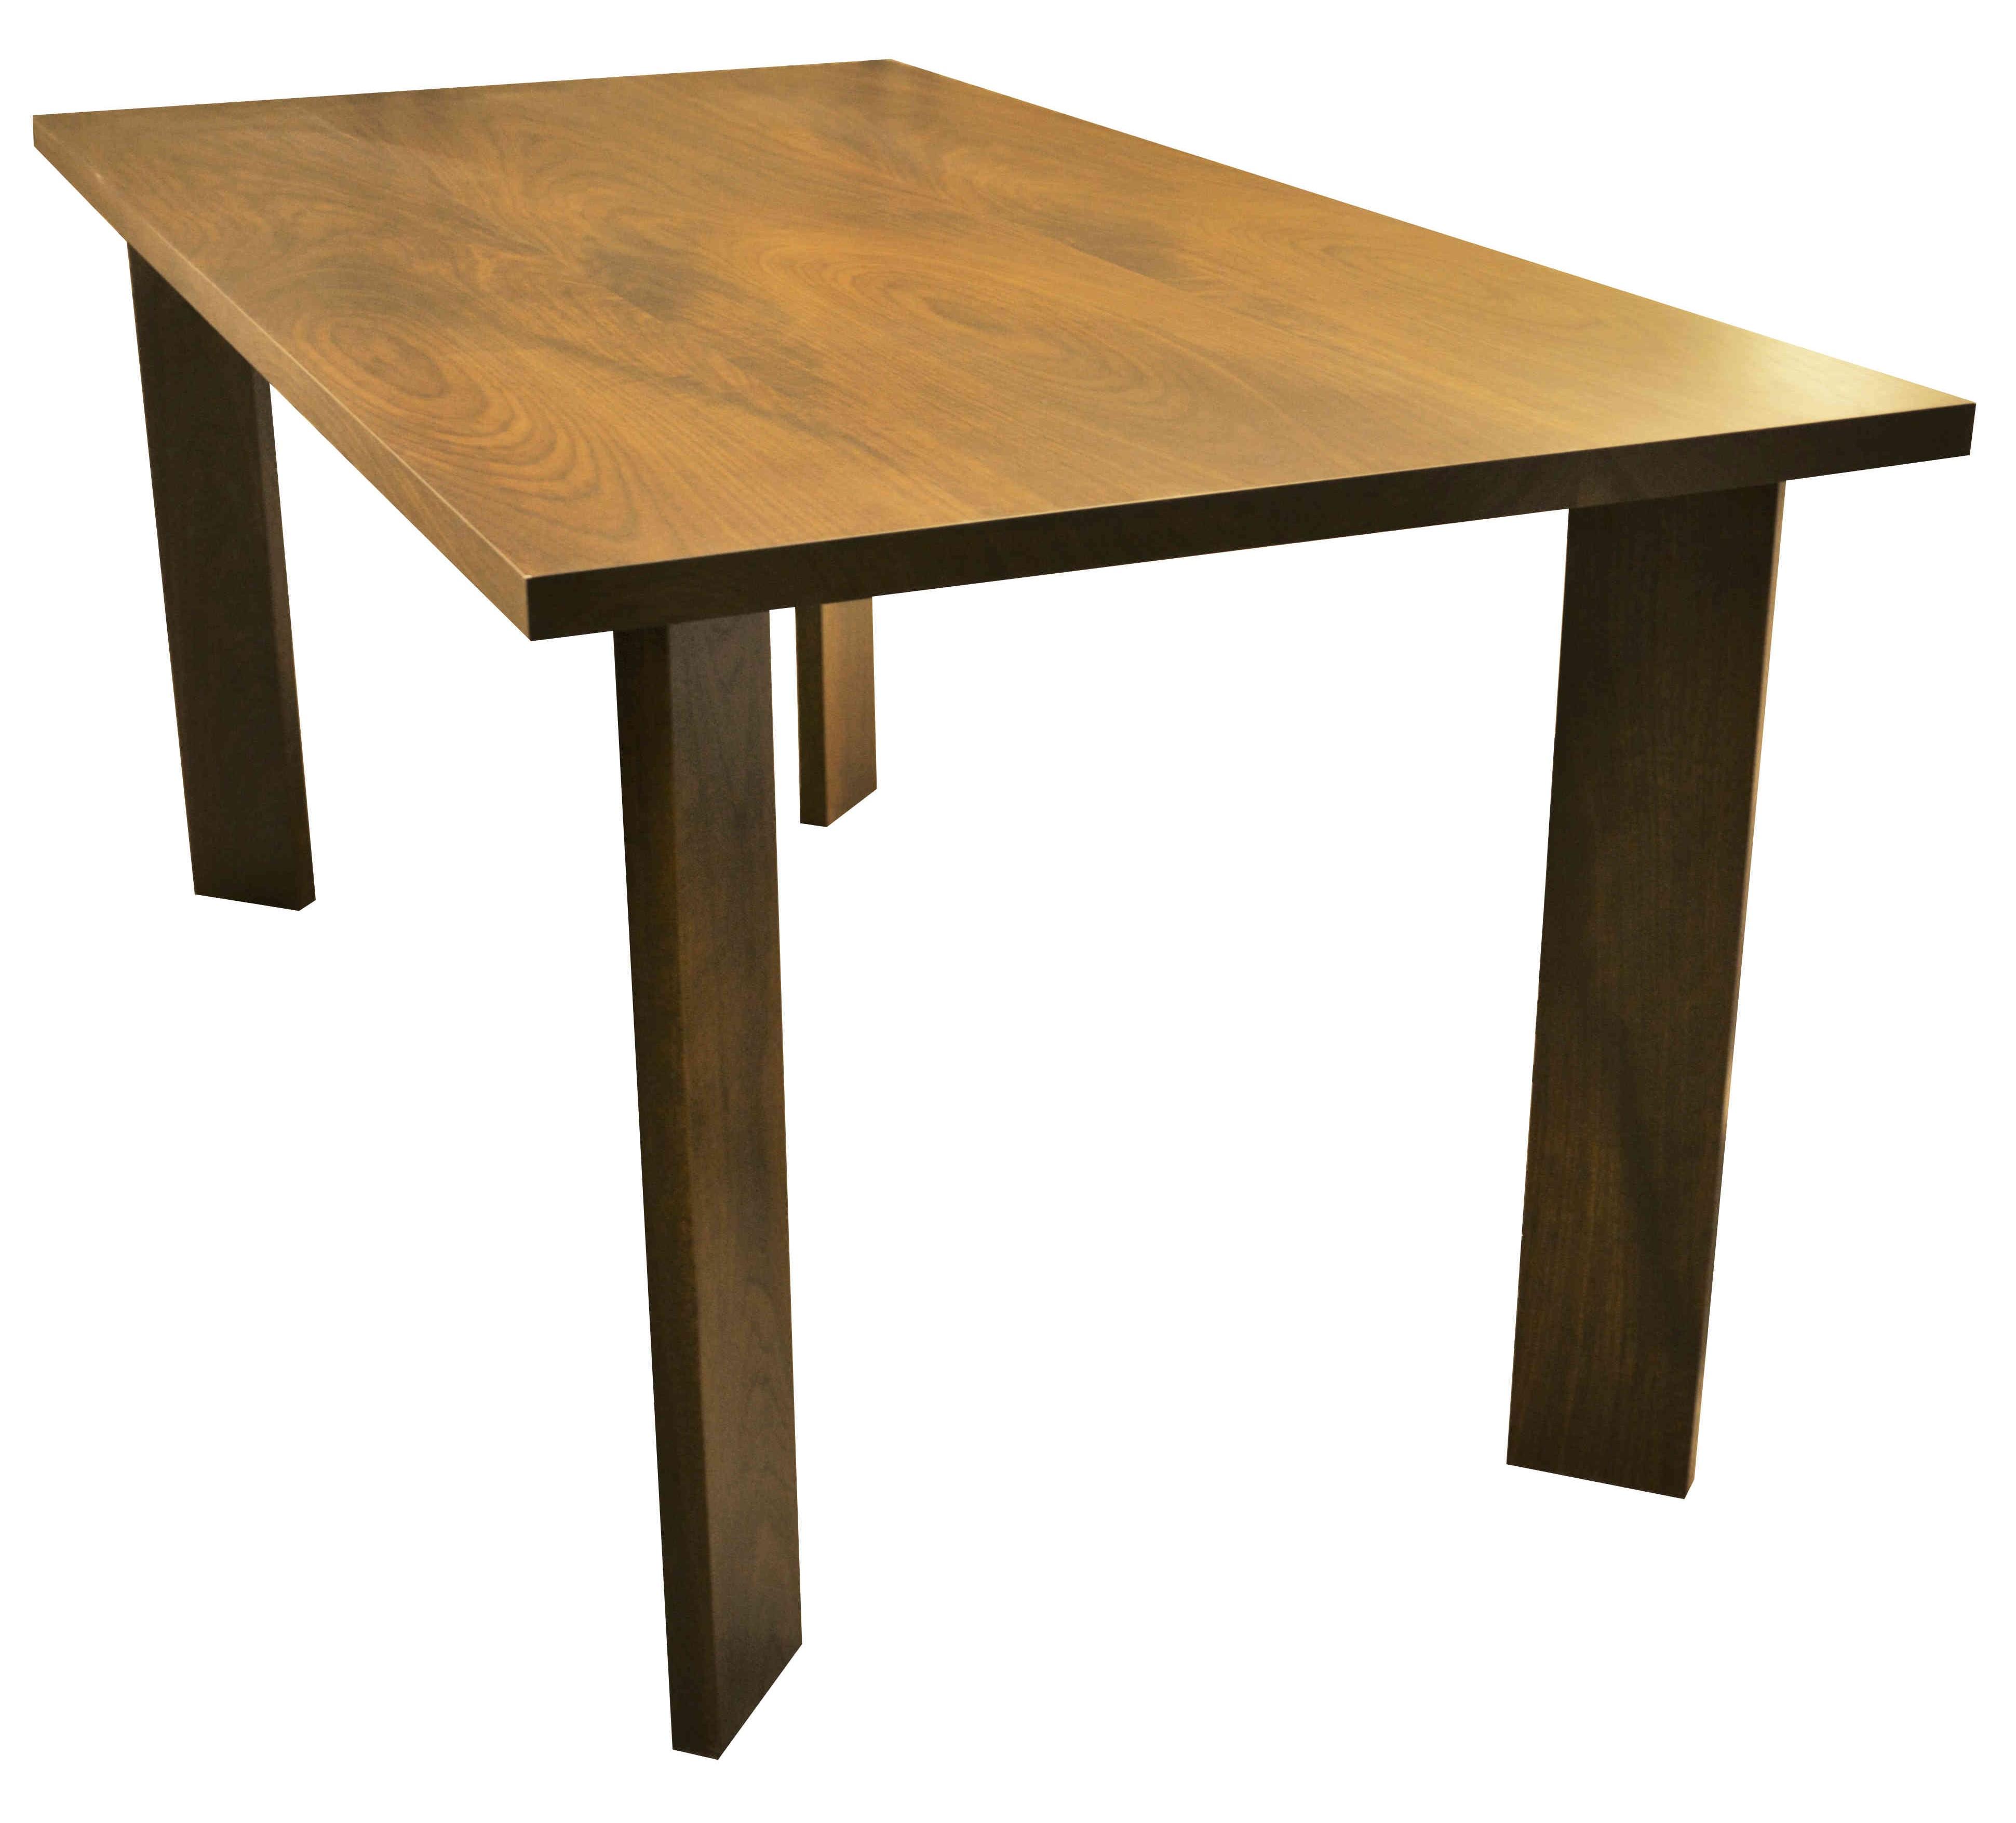 Leg table from slim line program